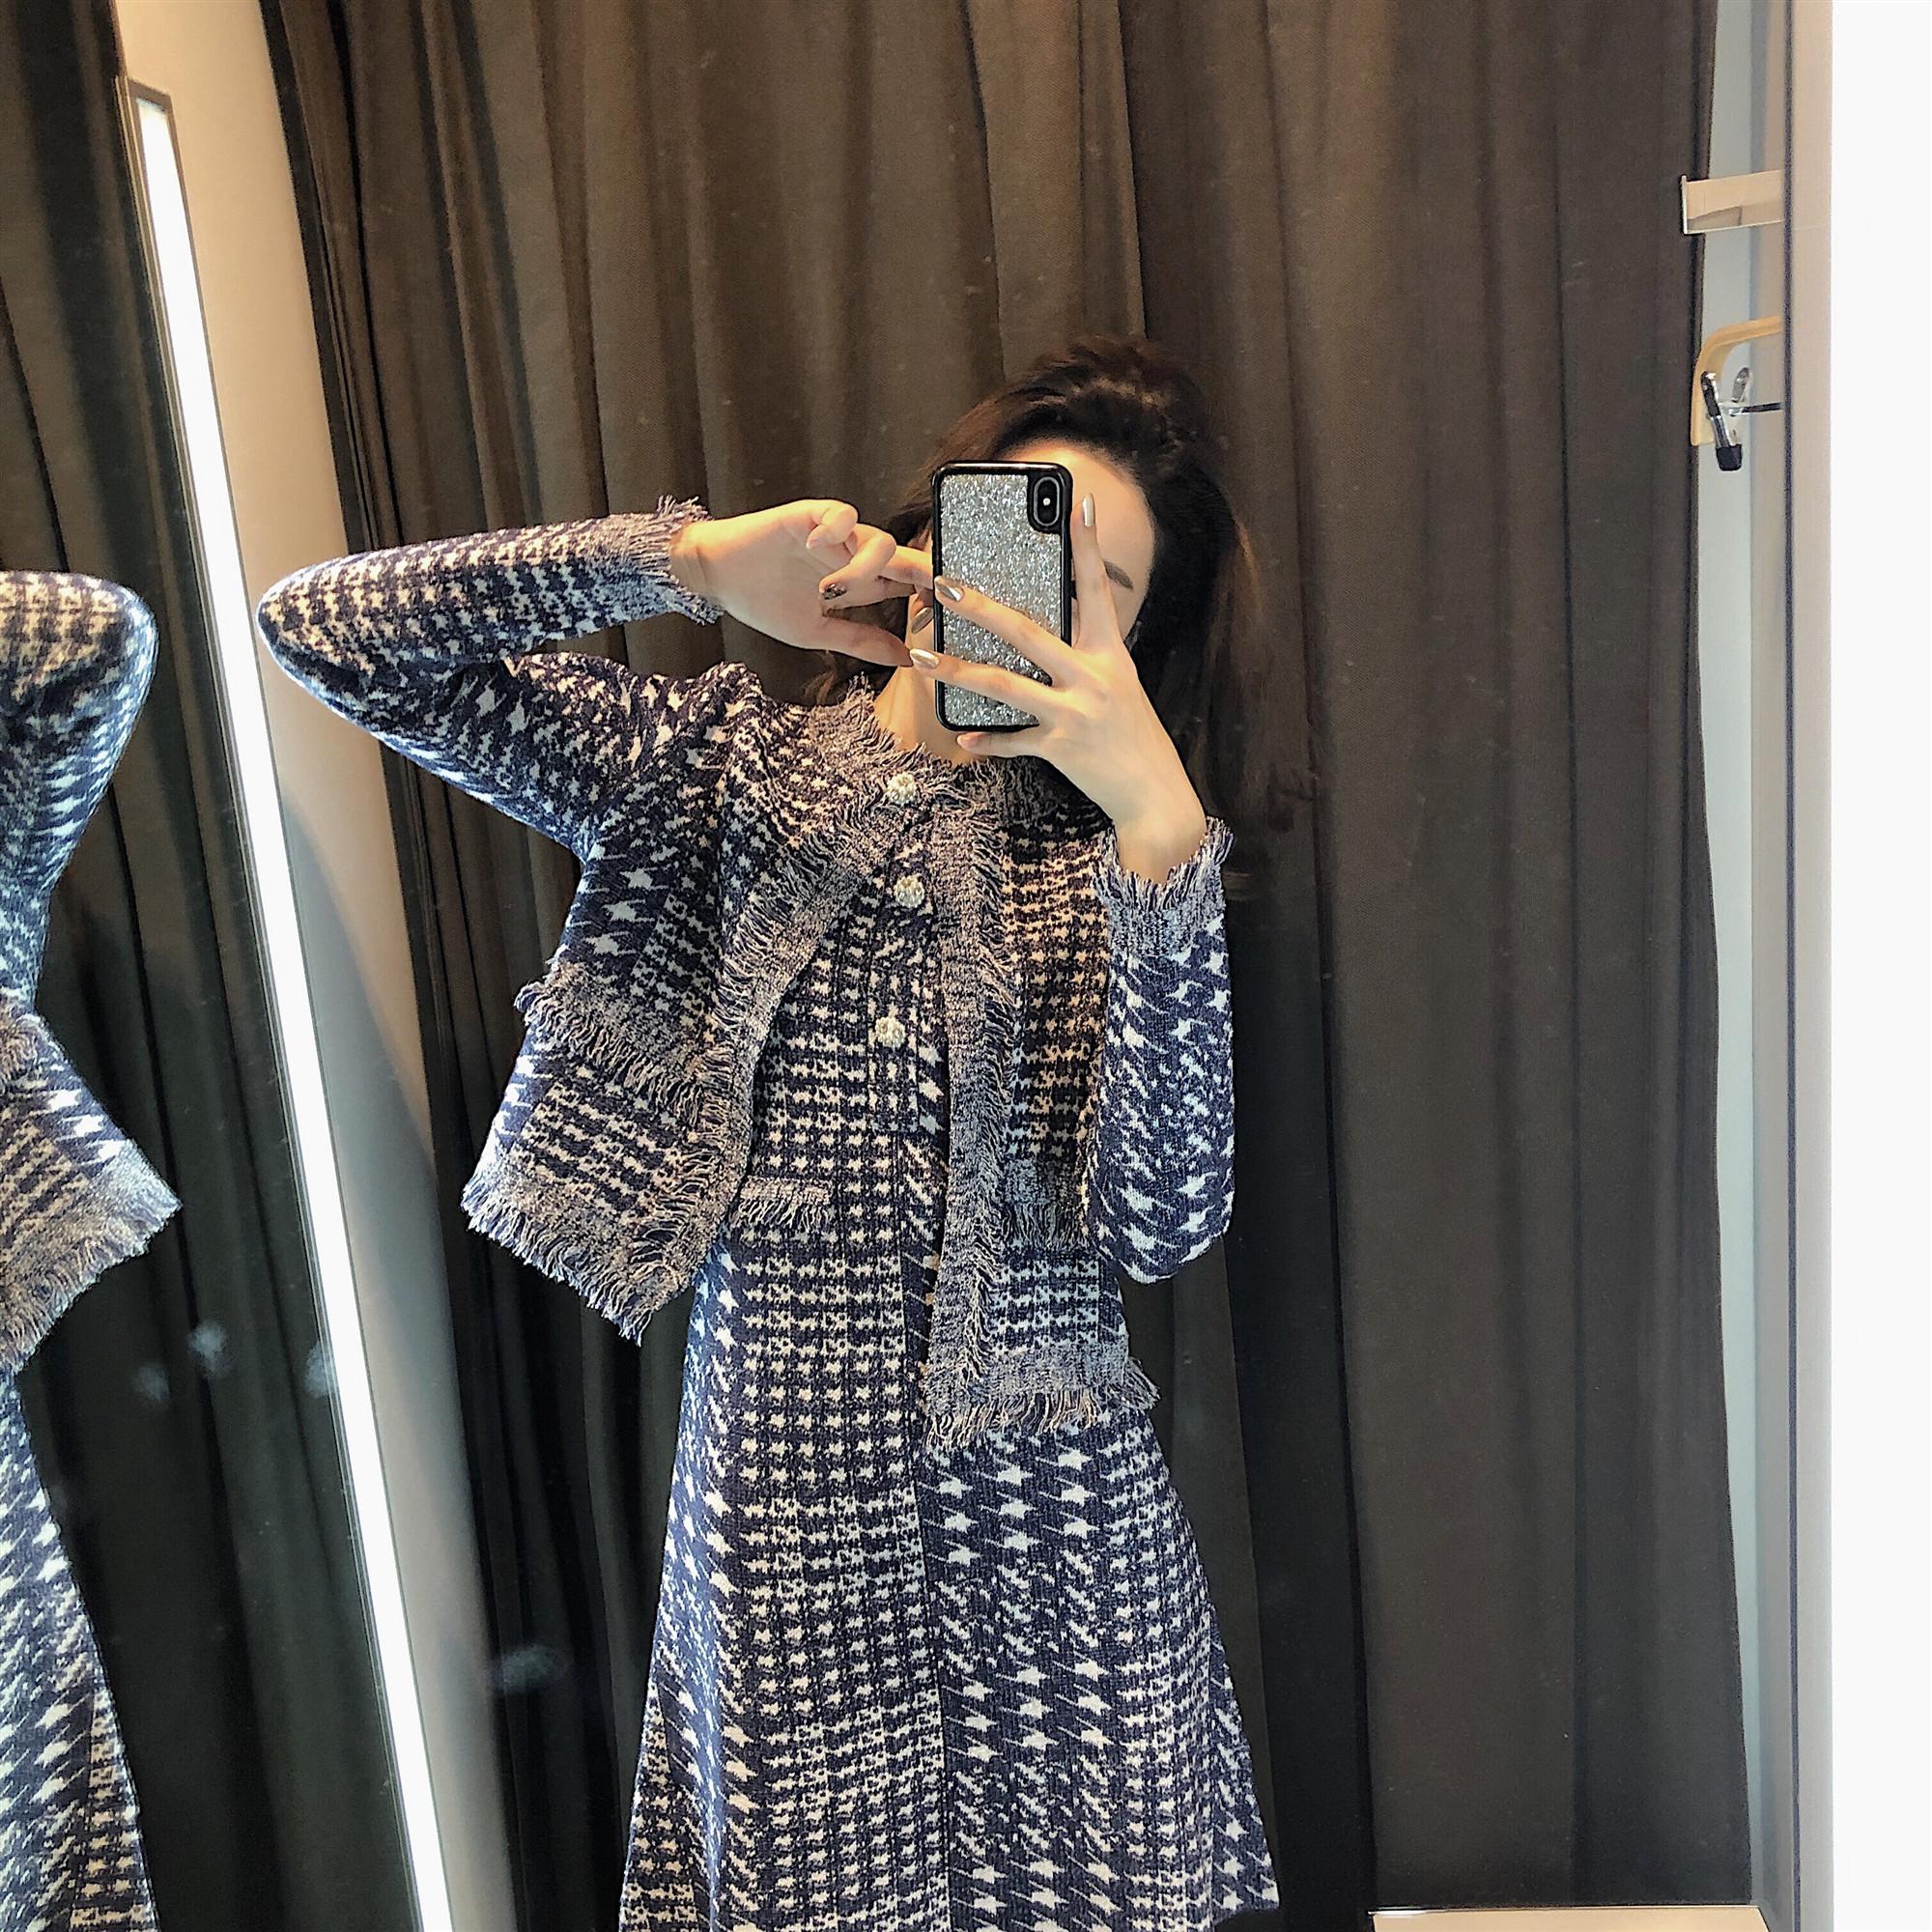 满168元可用10元优惠券网红两件套装2019秋季显瘦赫本风小香风套装气质女神范套装裙